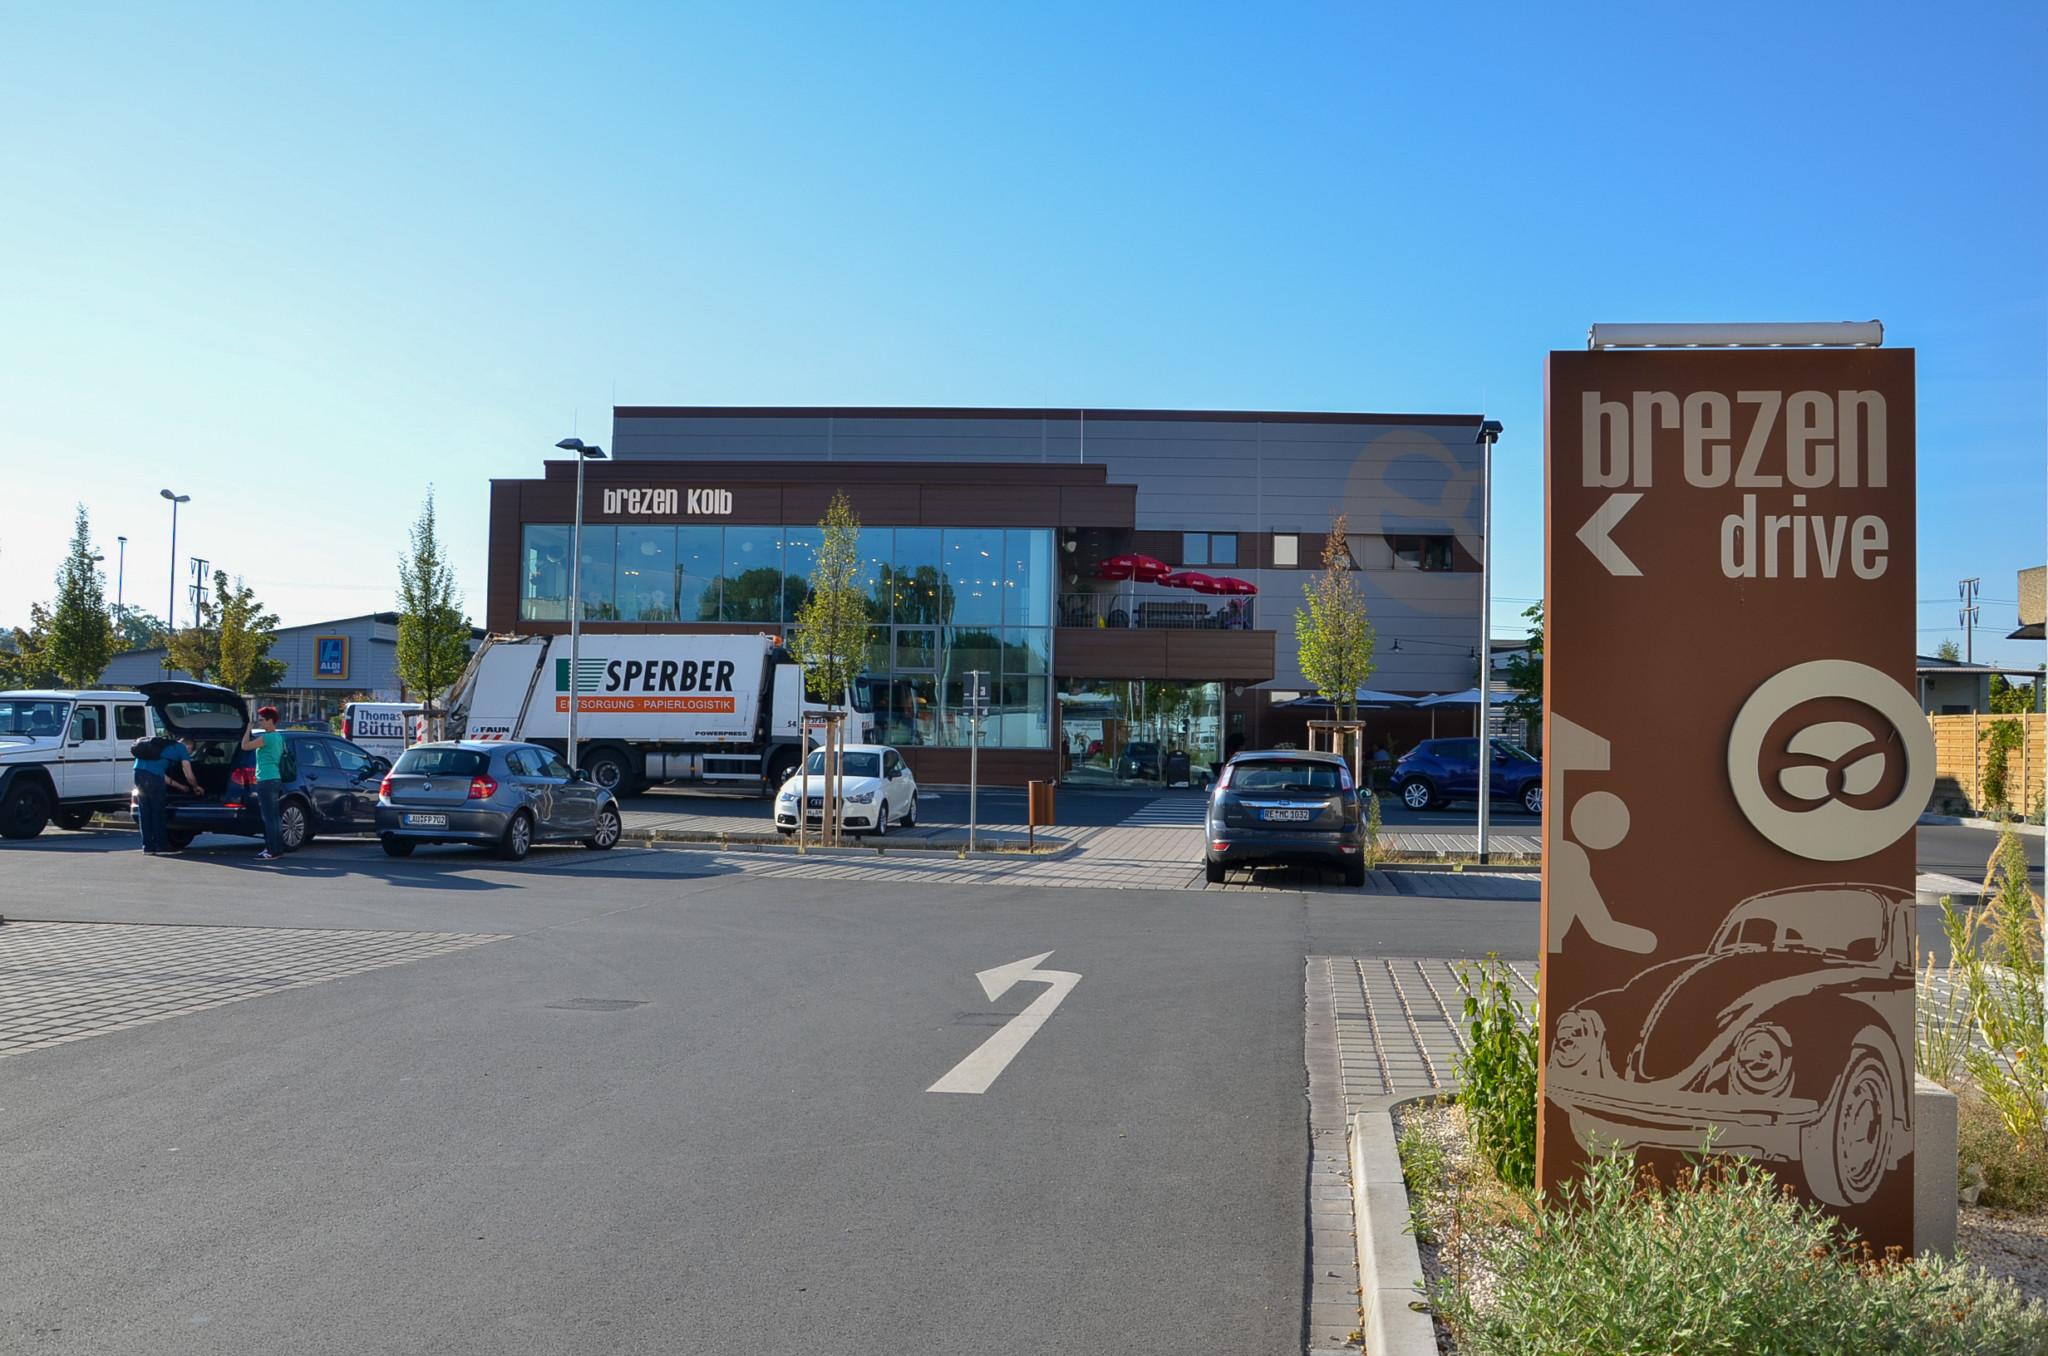 Brezen Drive in Nürnberg